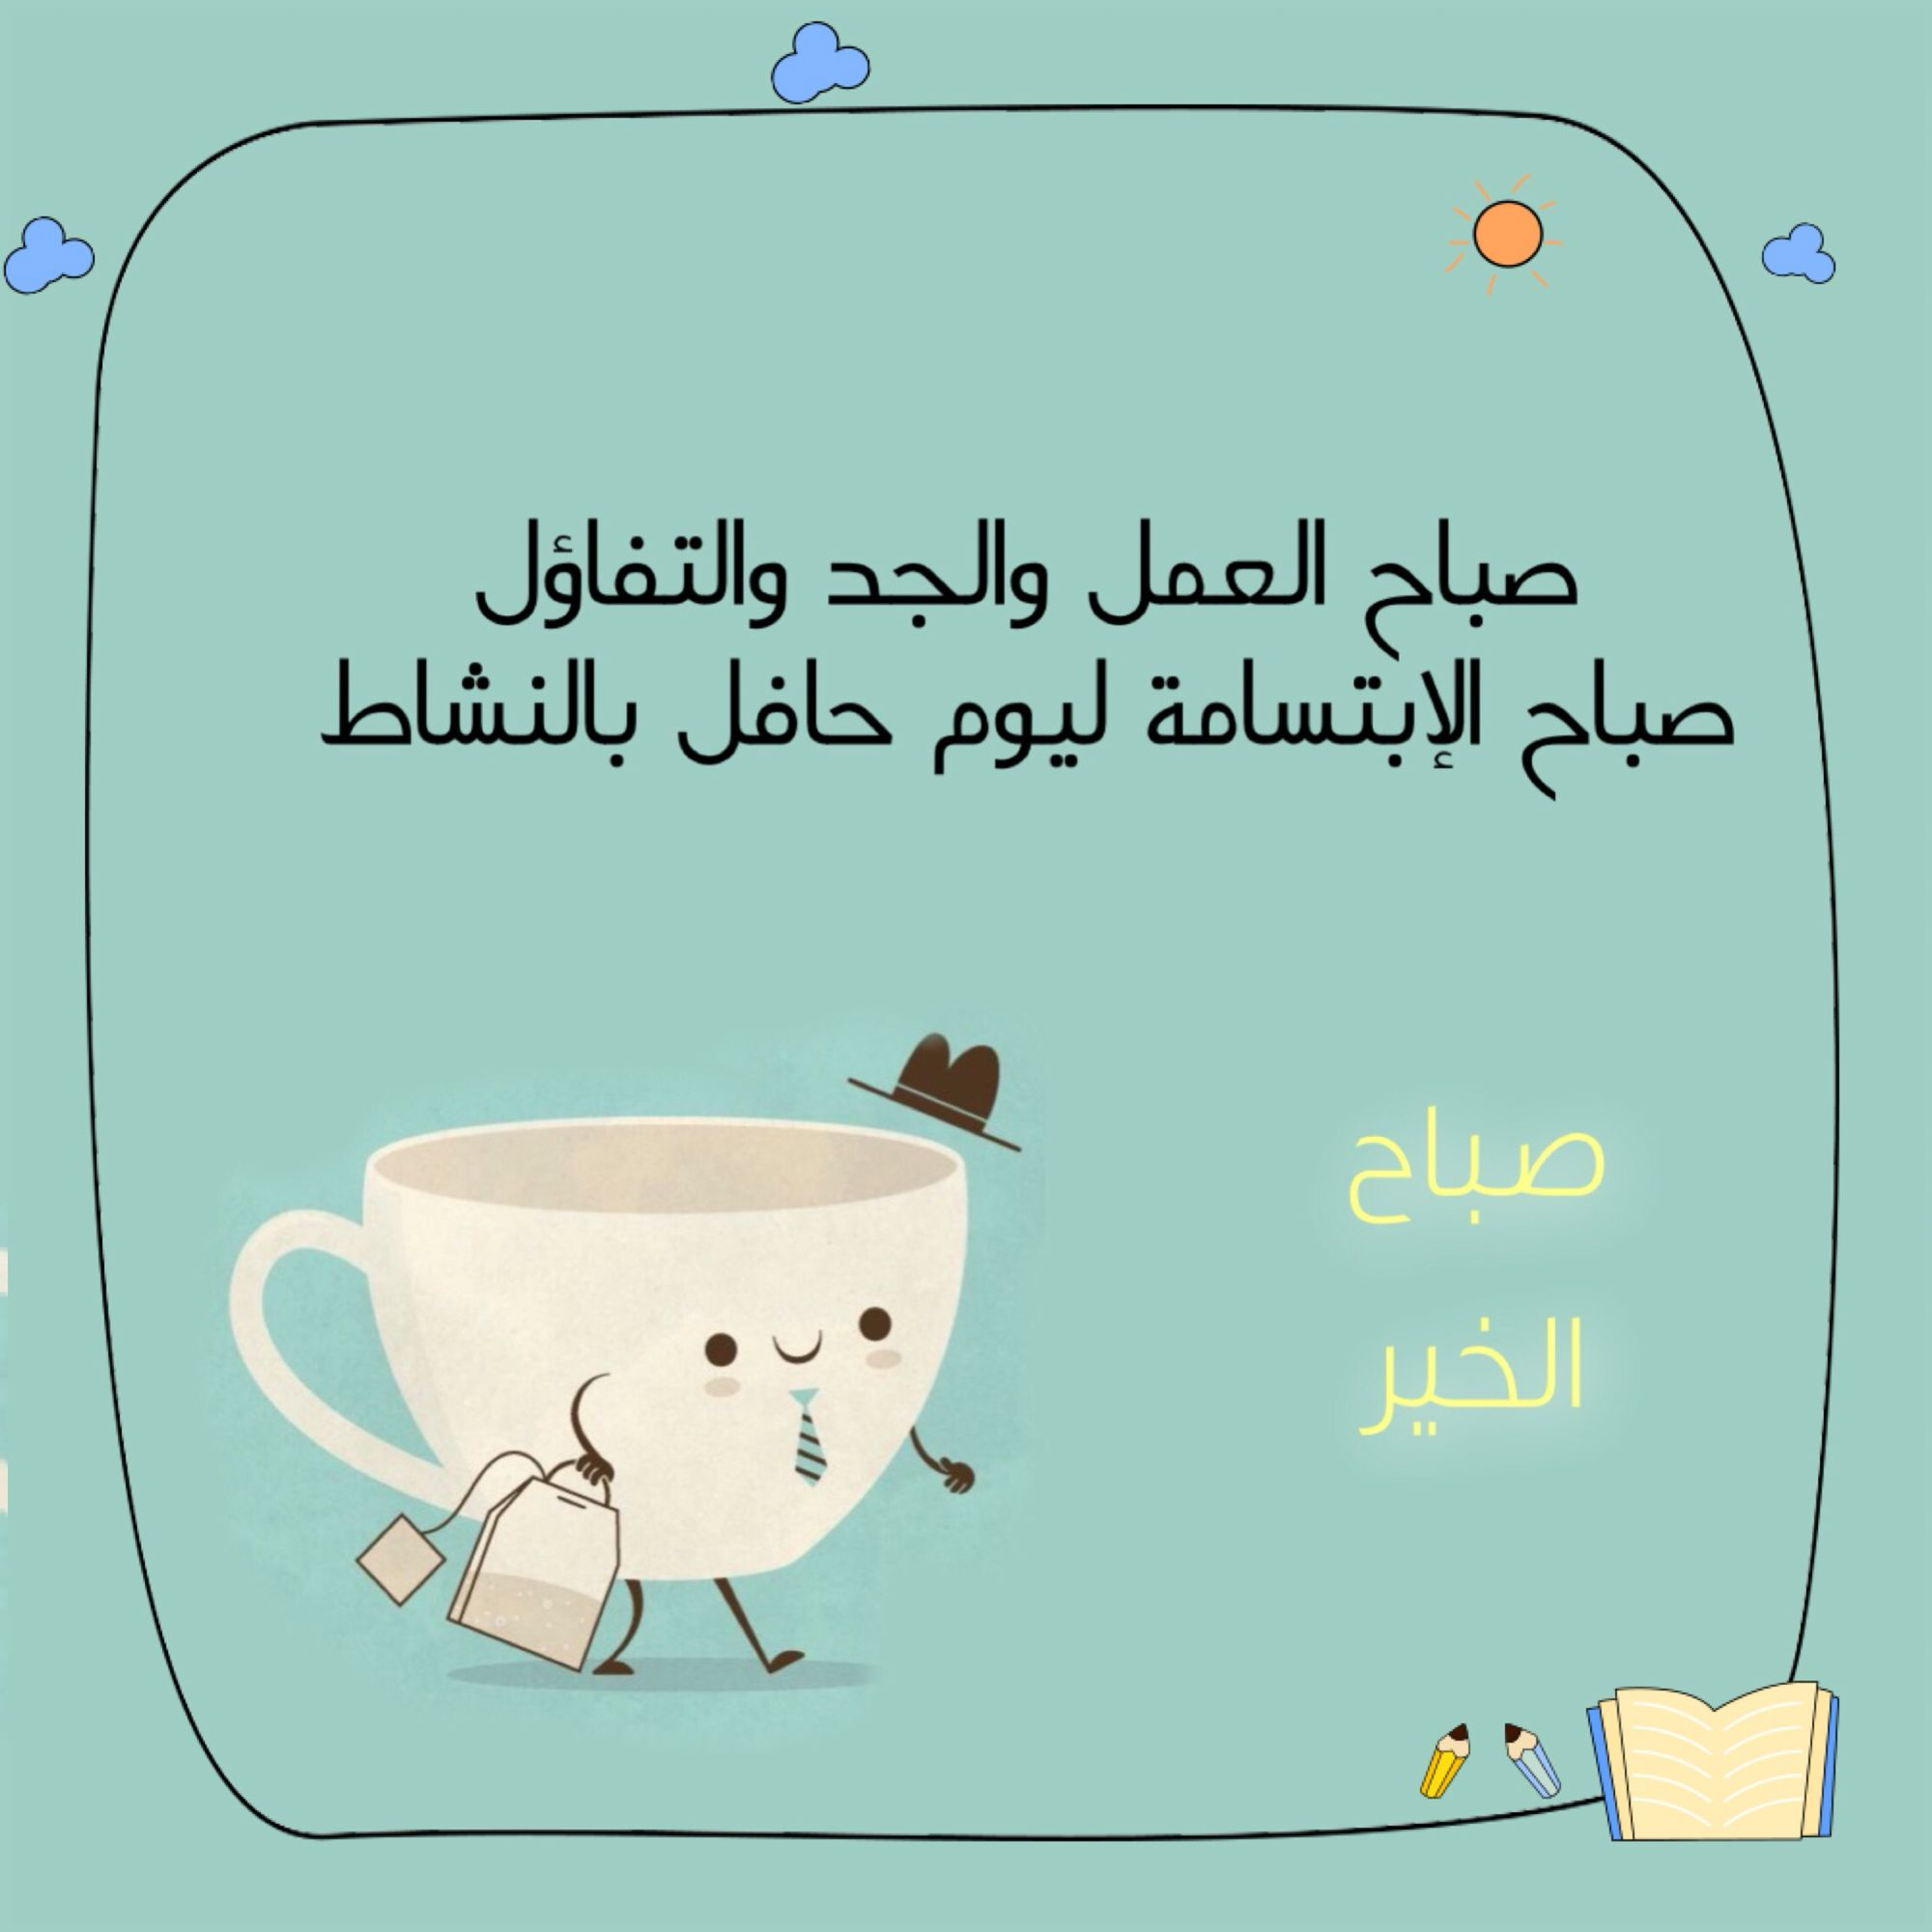 اسعد الله صباحكم جميعا بكل خير صباح النشاط والحيوية صباح العمل والجد والتفاؤل صب Wonder Quotes Good Morning Arabic Birthday Quotes For Best Friend